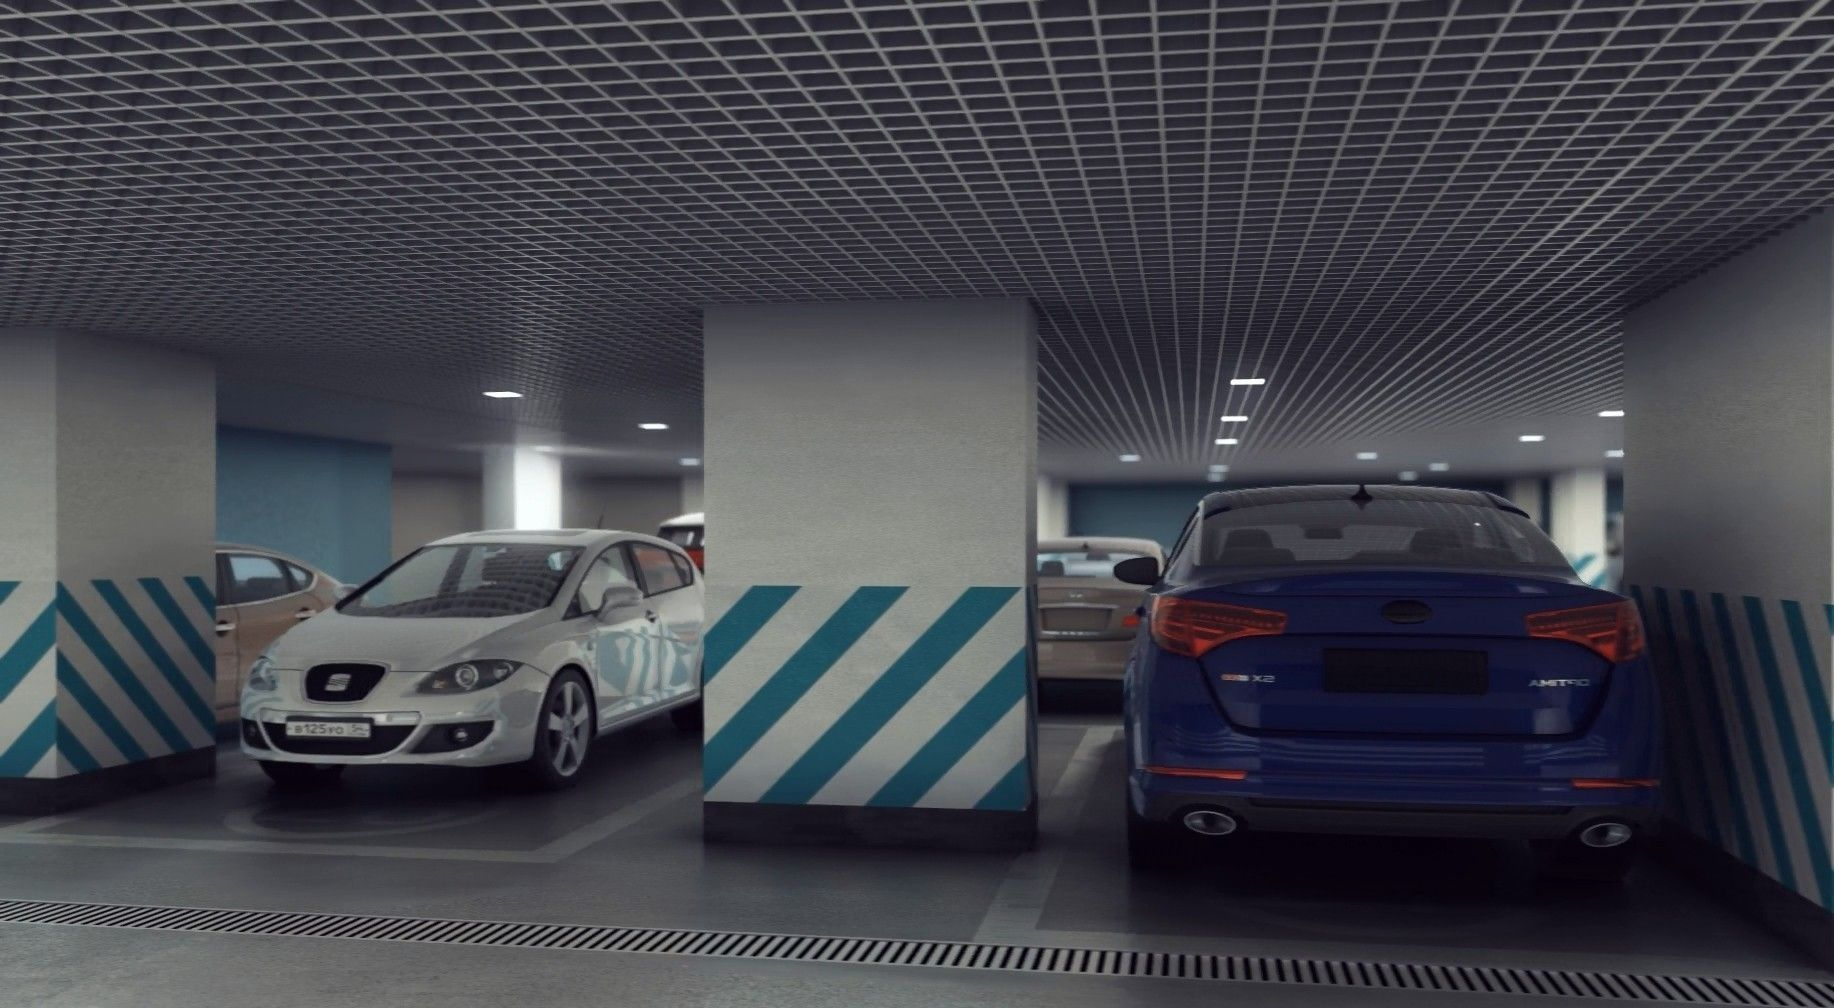 Underground Parking | 3D model